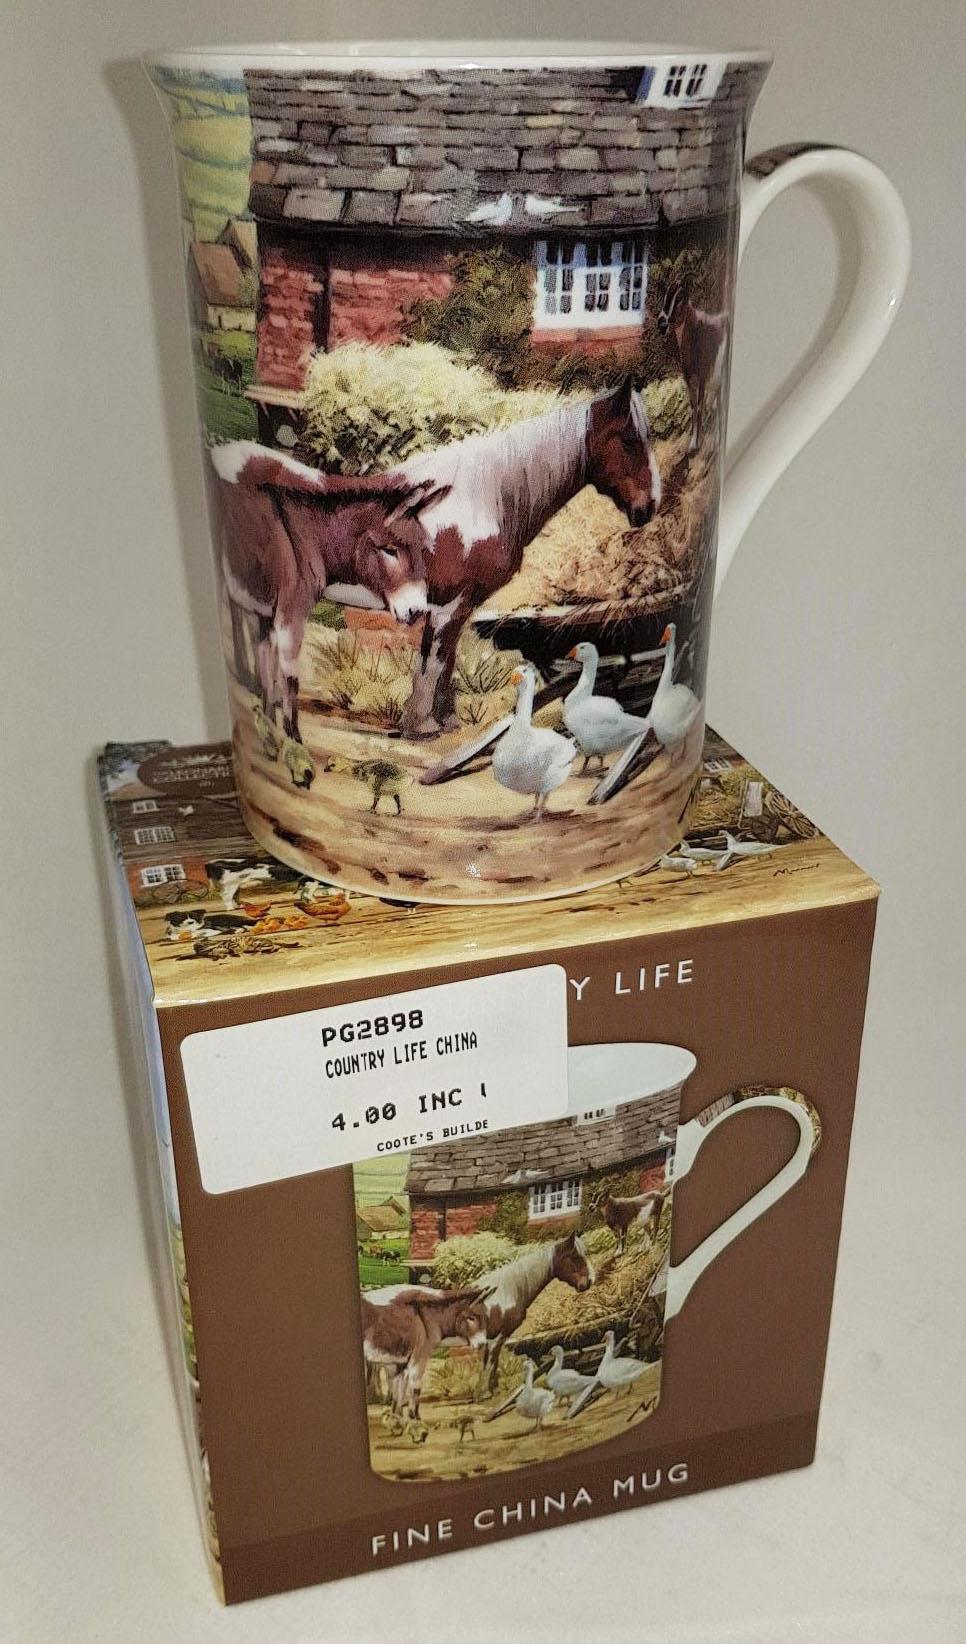 Country Life Mug